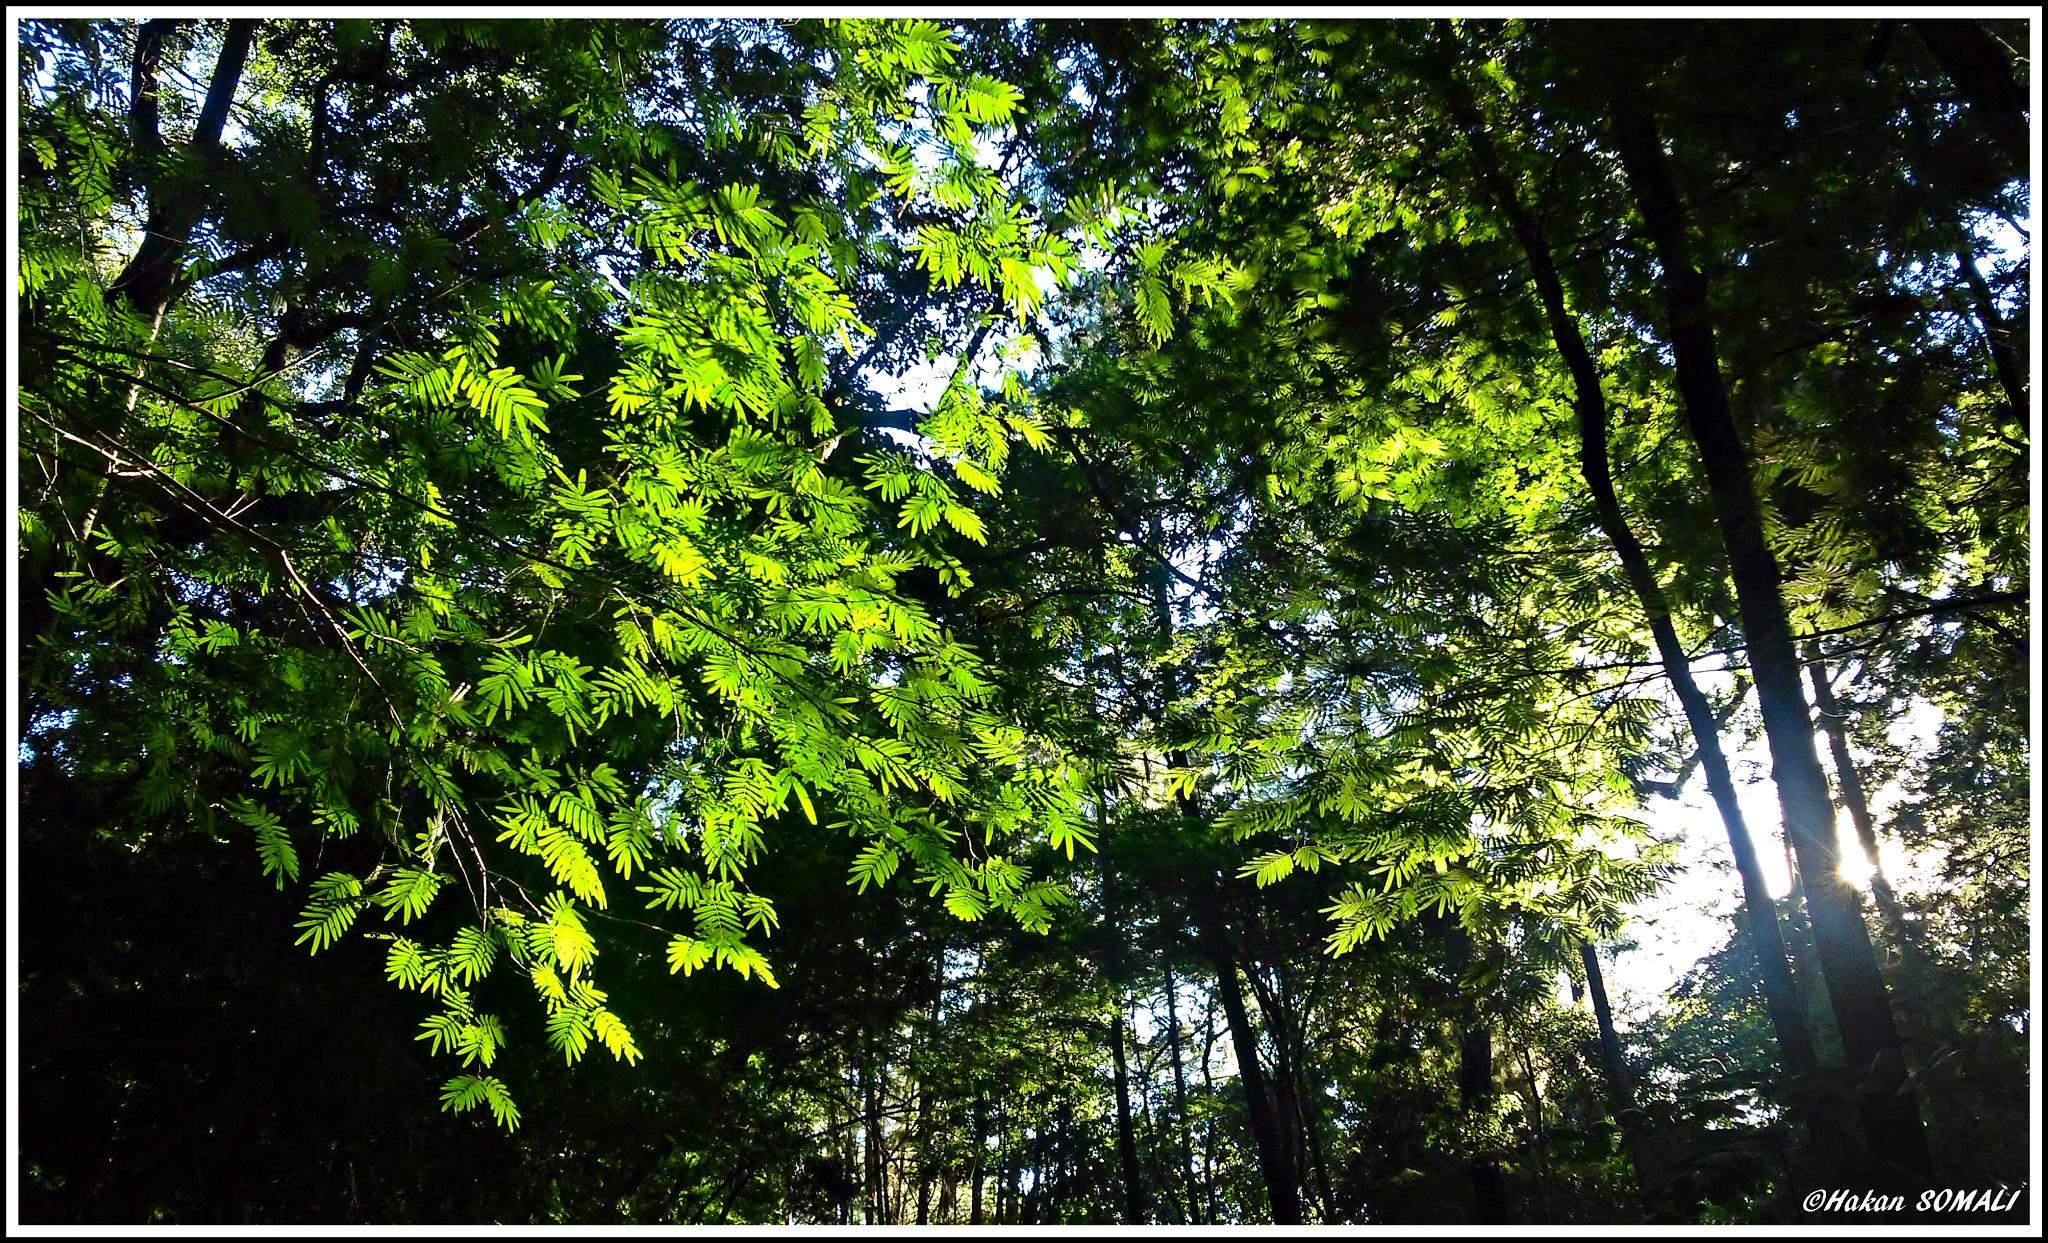 Light rays reaching through the trees - Marília / São Paulo by Hakan Somali